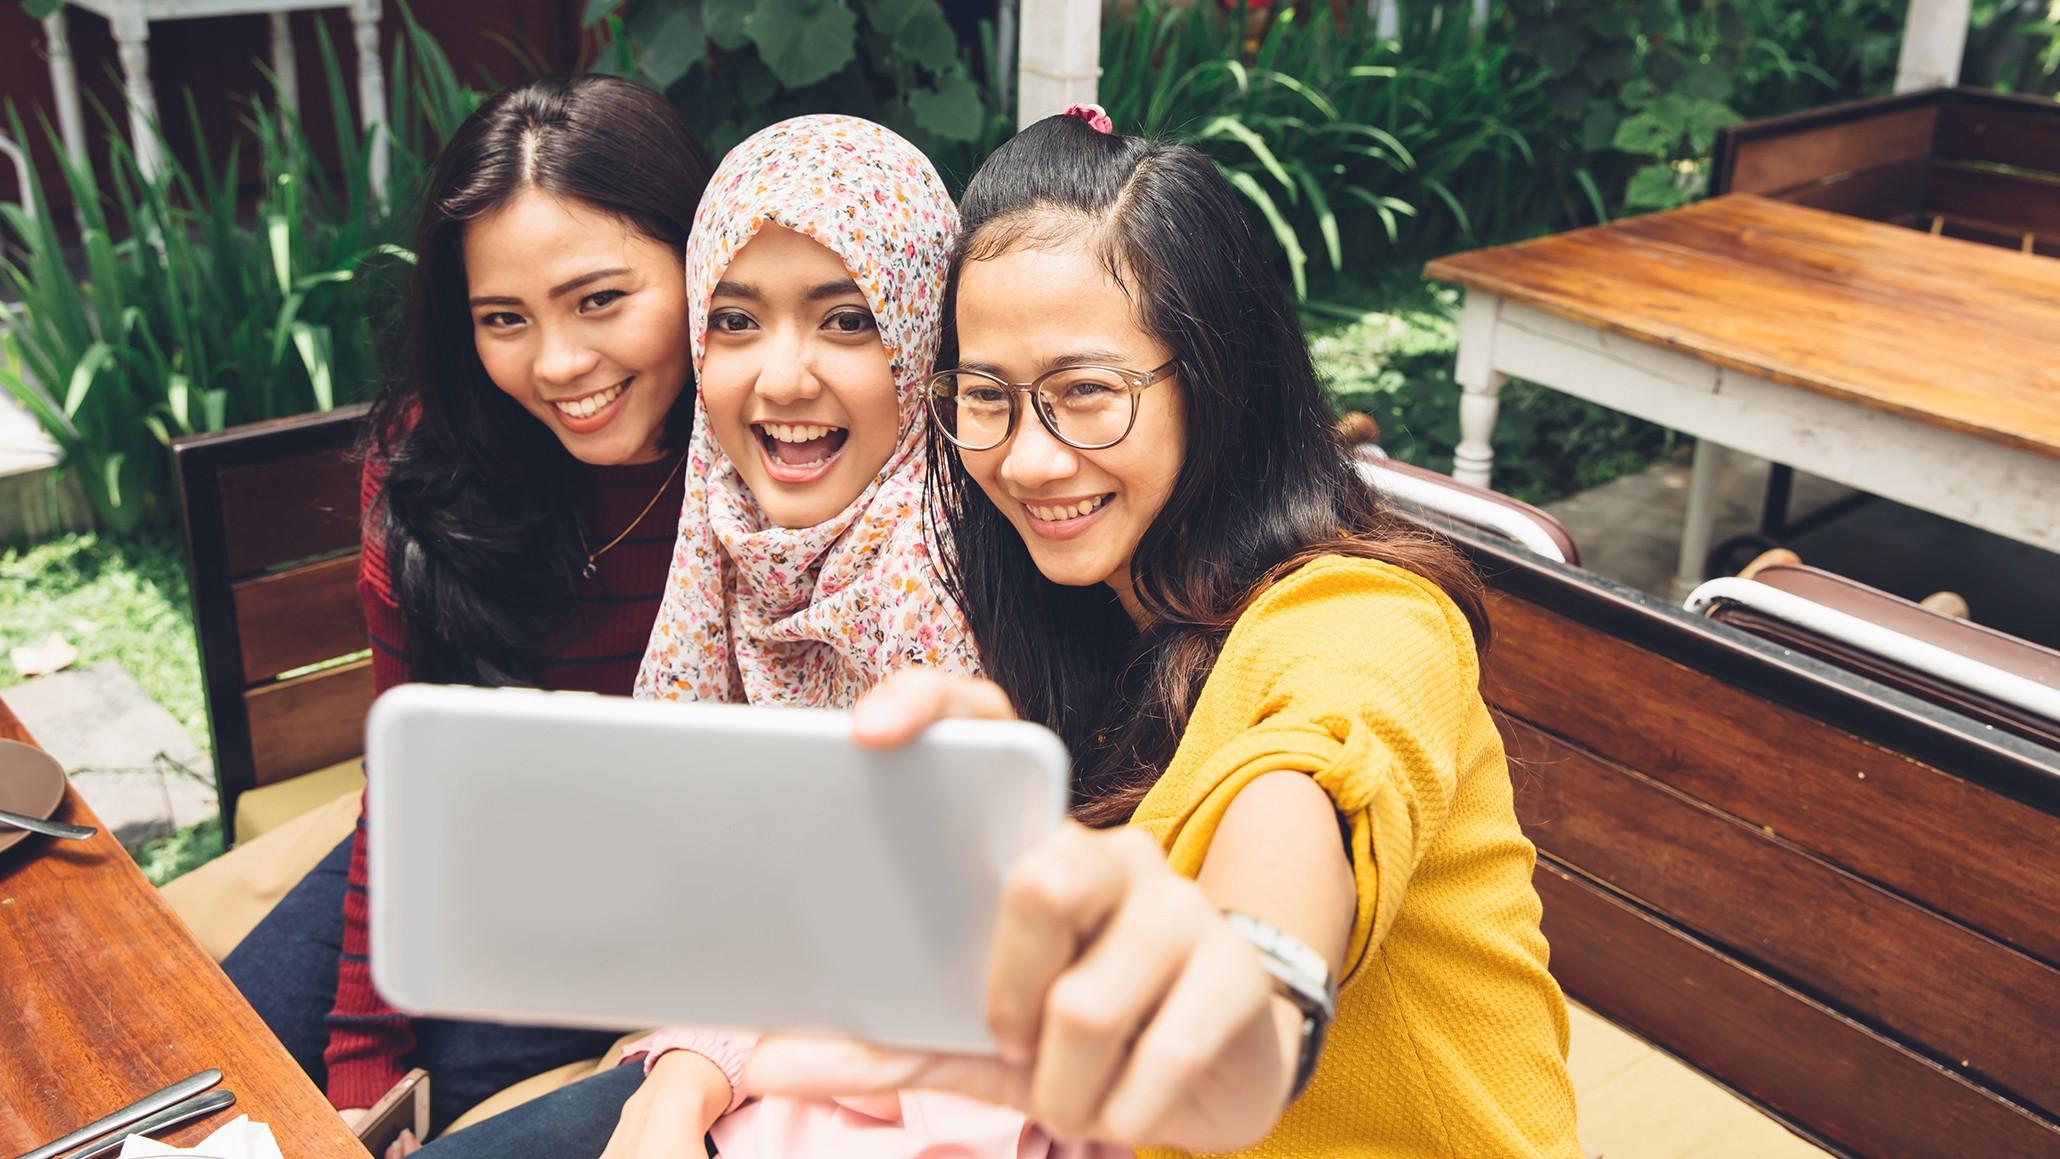 Social Media Makes You Unsocial